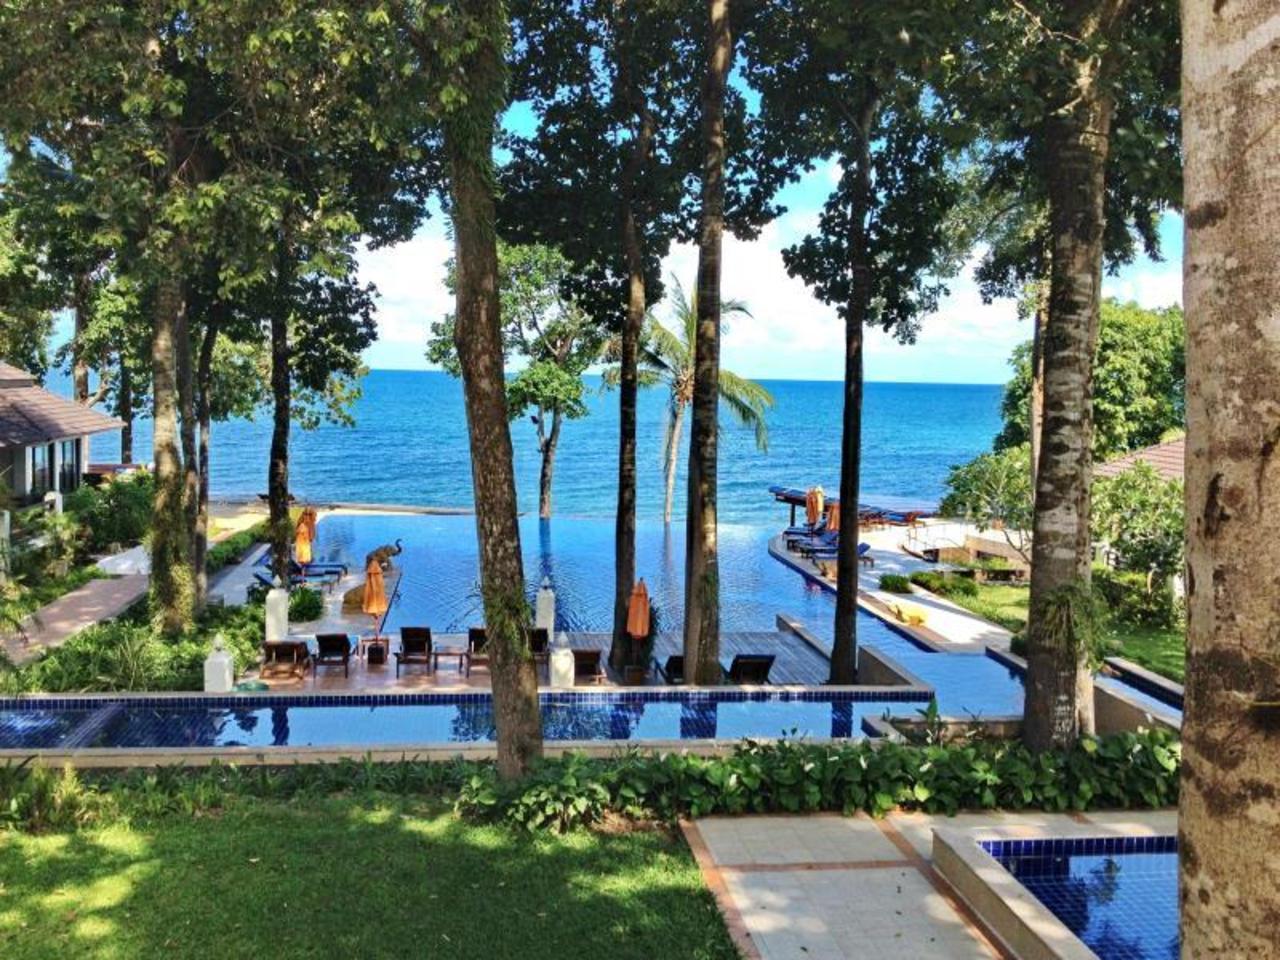 ช้างบุรี รีสอร์ท แอนด์ สปา (Chang Buri Resort & Spa)